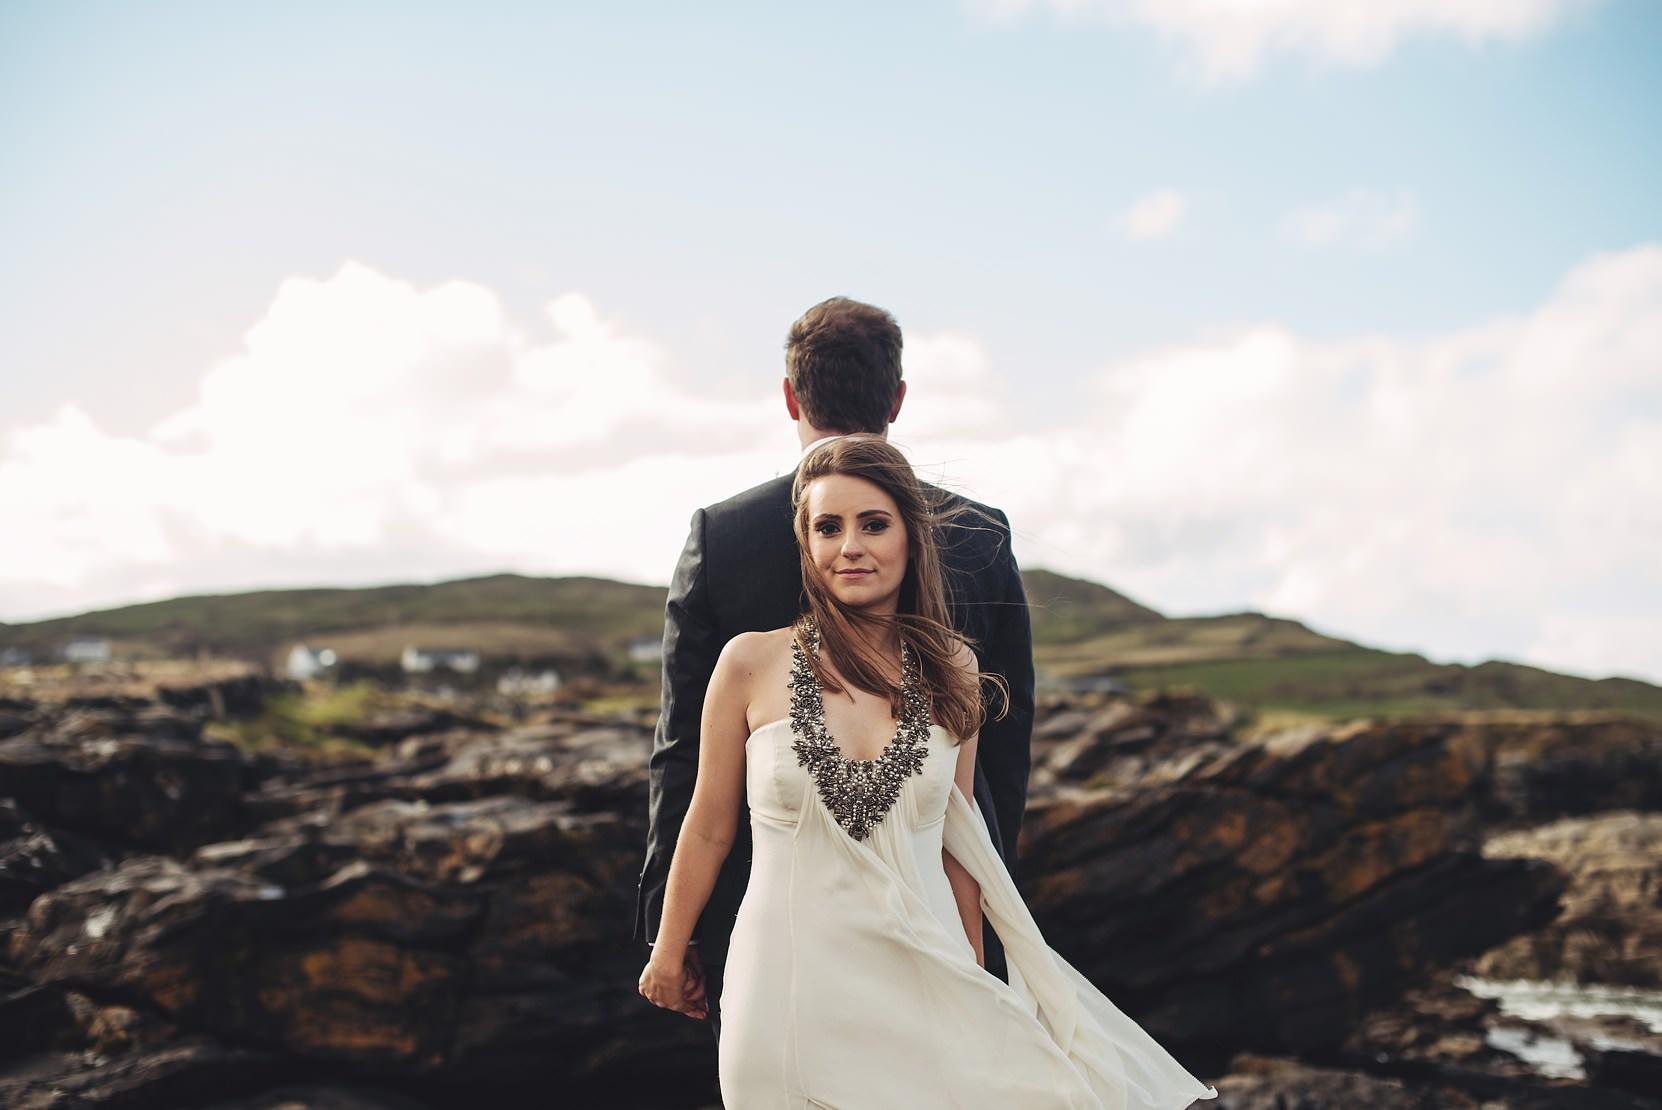 Portnoo-Wedding-Photography_0098